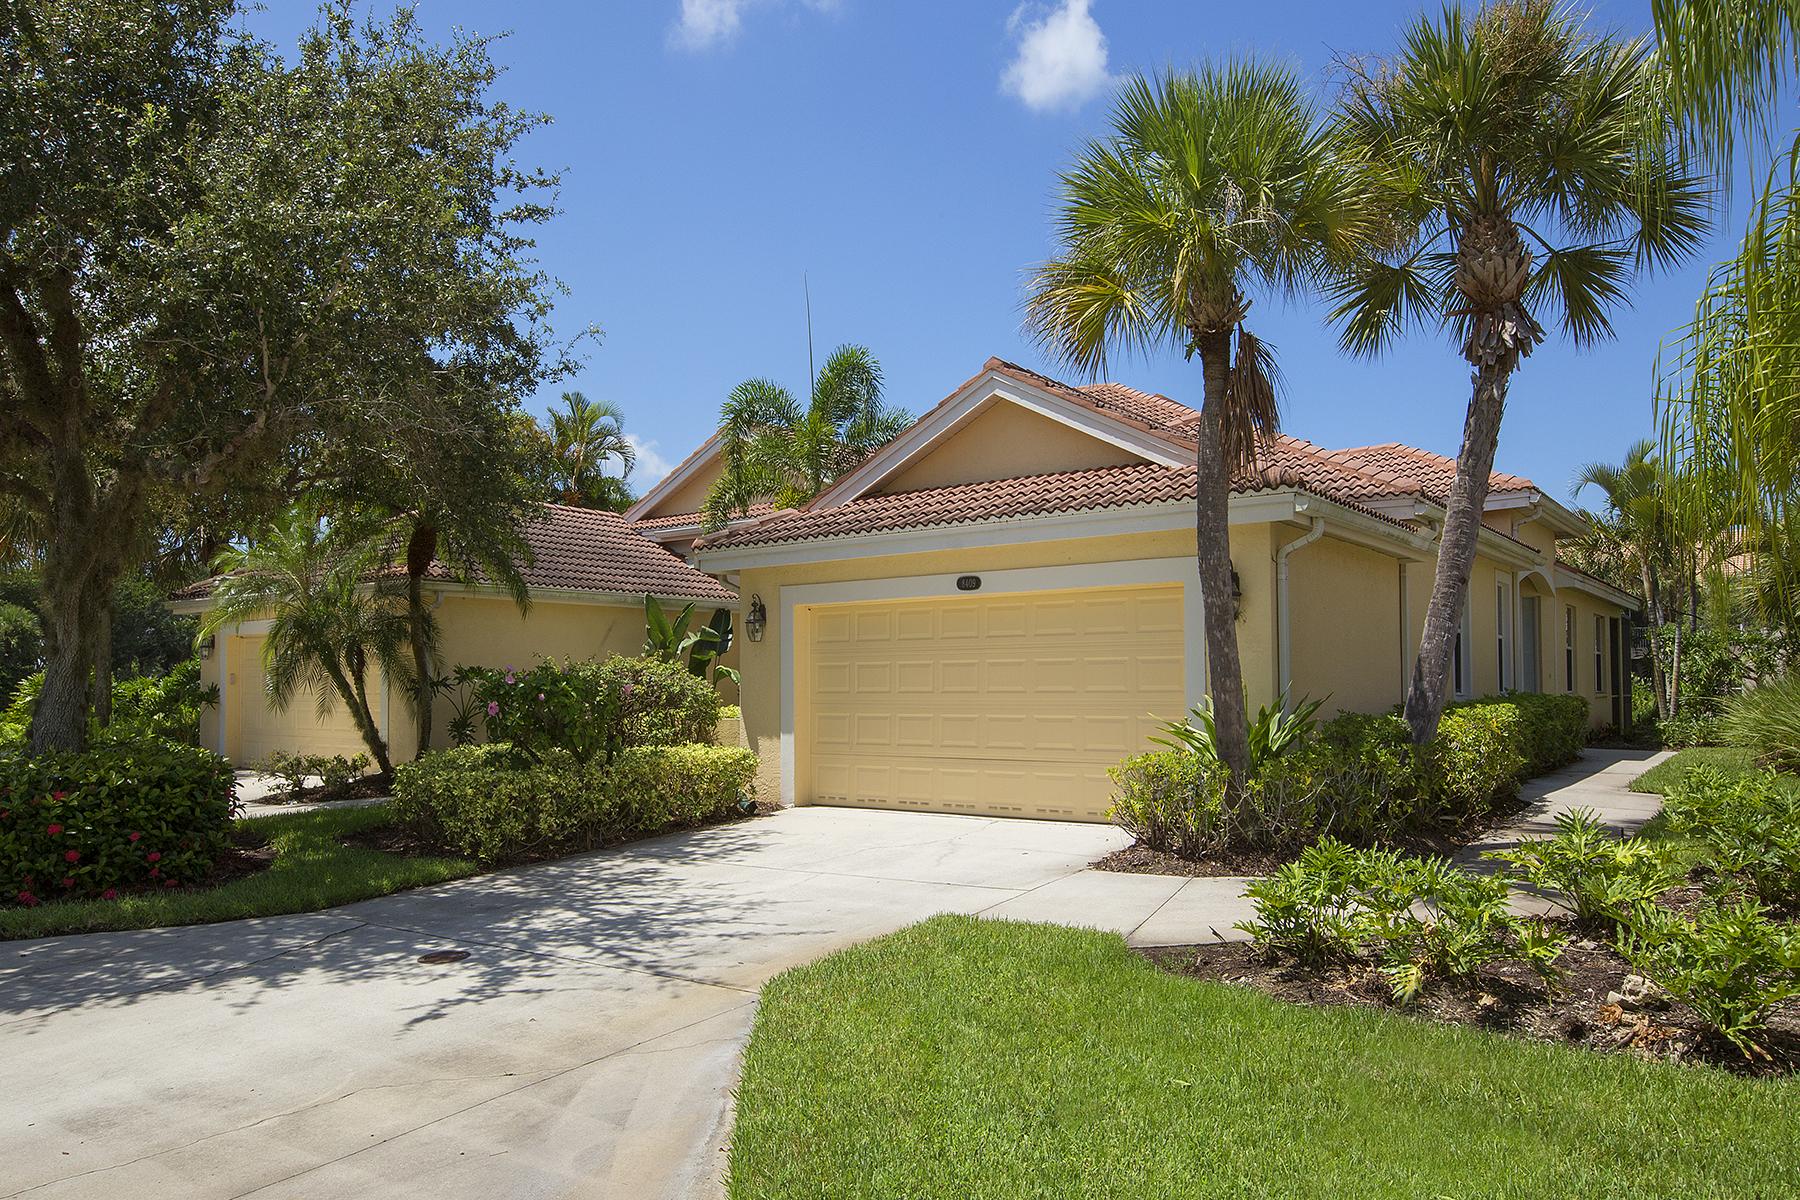 Casa Unifamiliar por un Venta en FIDDLER'S CREEK - BENT CREEK VILLAGE 8409 Bent Creek Way Naples, Florida, 34114 Estados Unidos